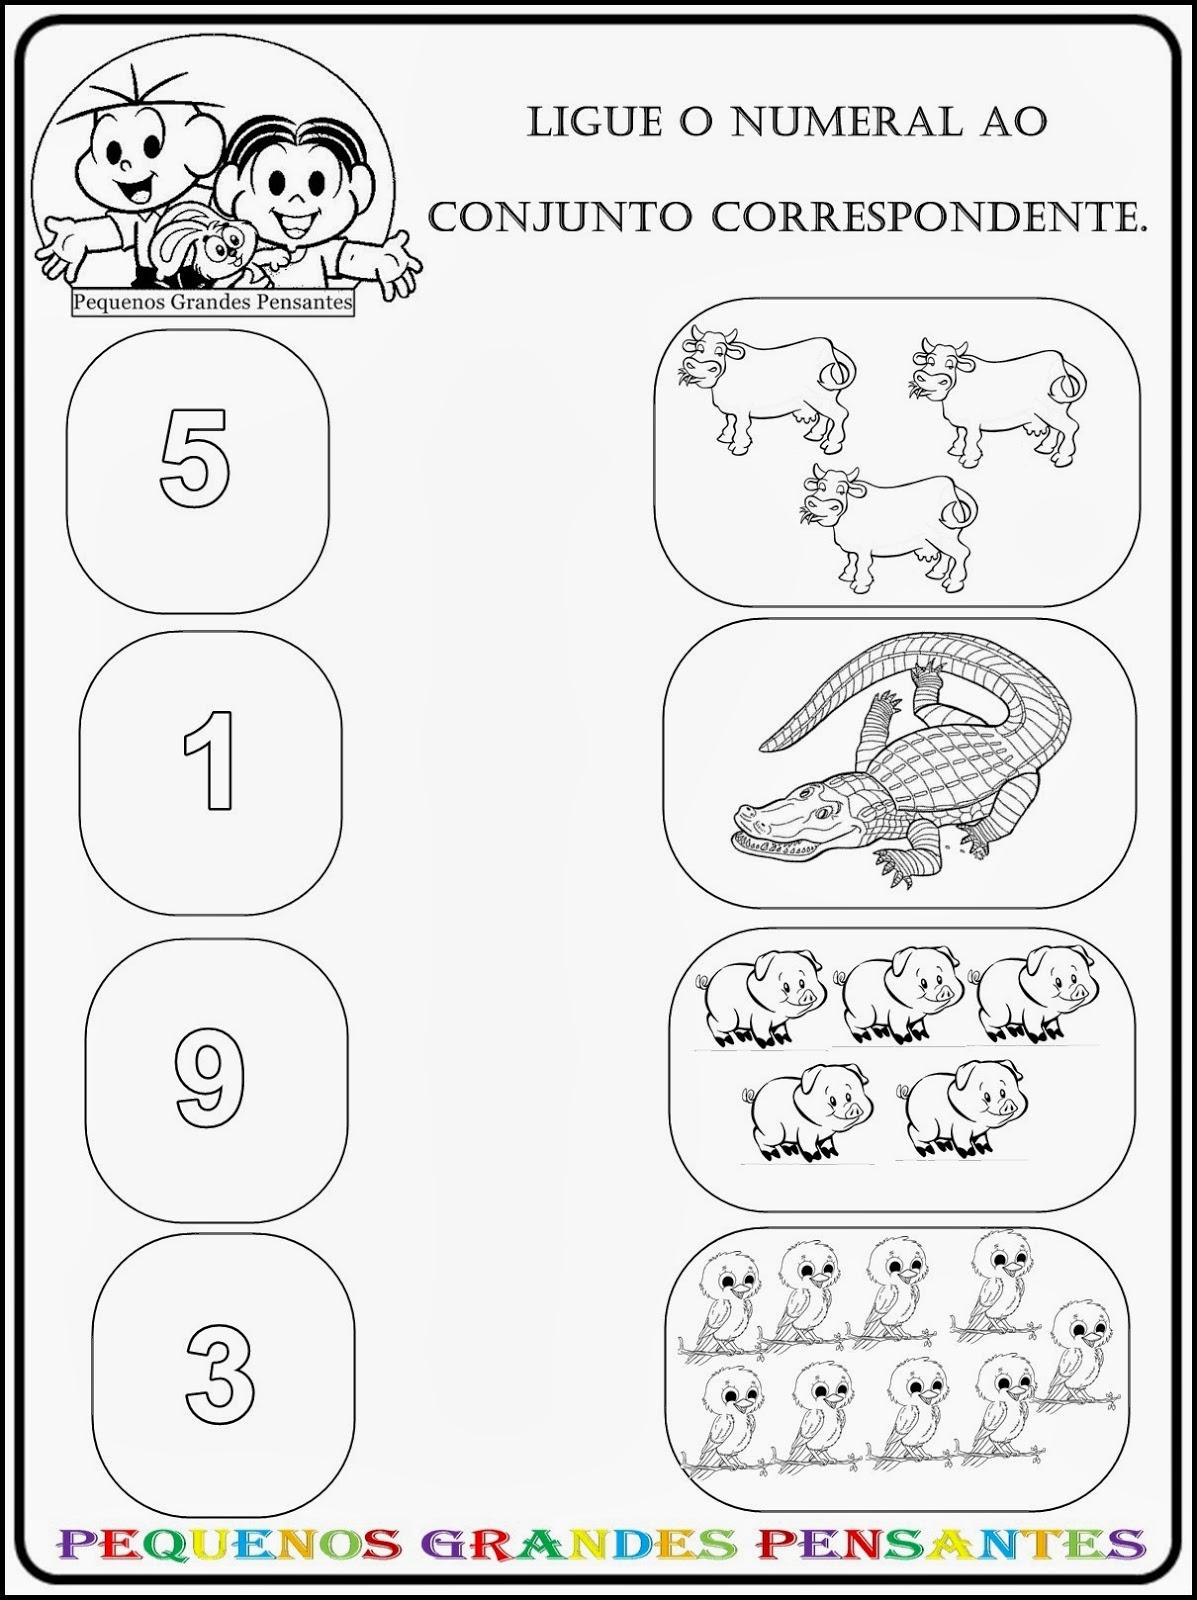 Super Pequenos Grandes Pensantes.: Atividades Numéricas para Educação  OG82